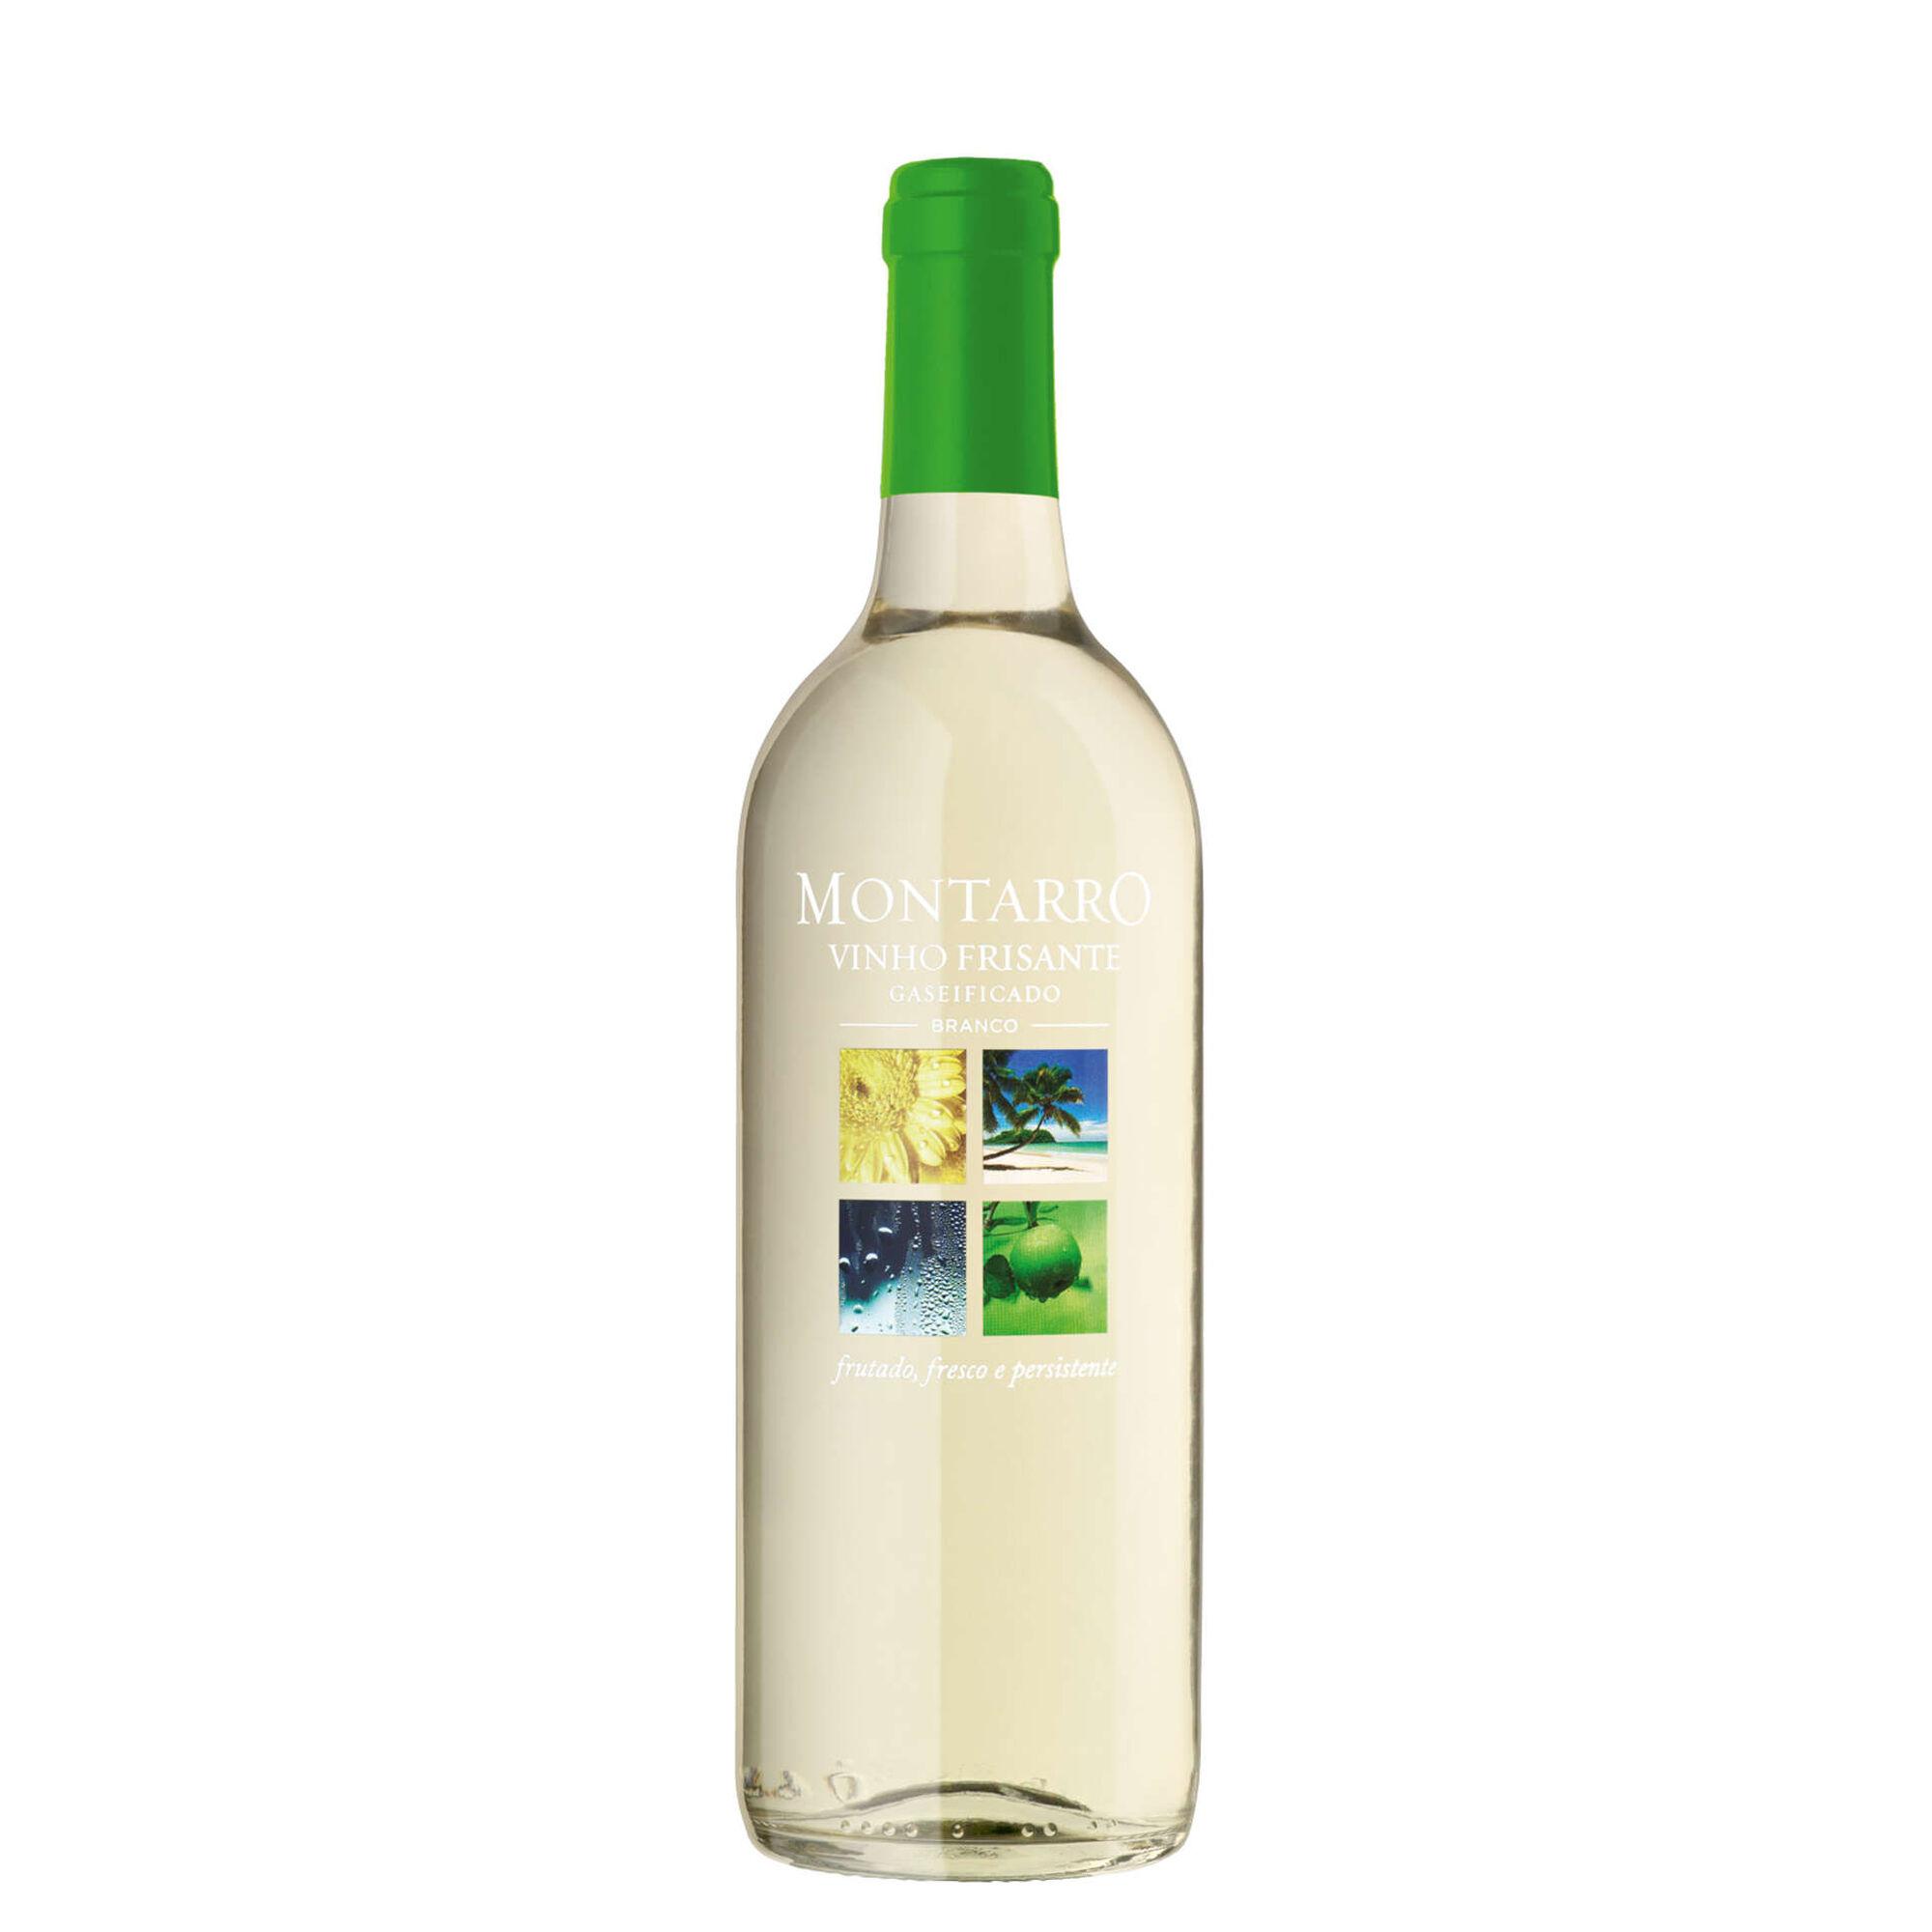 Montarro Vinho Frisante Branco